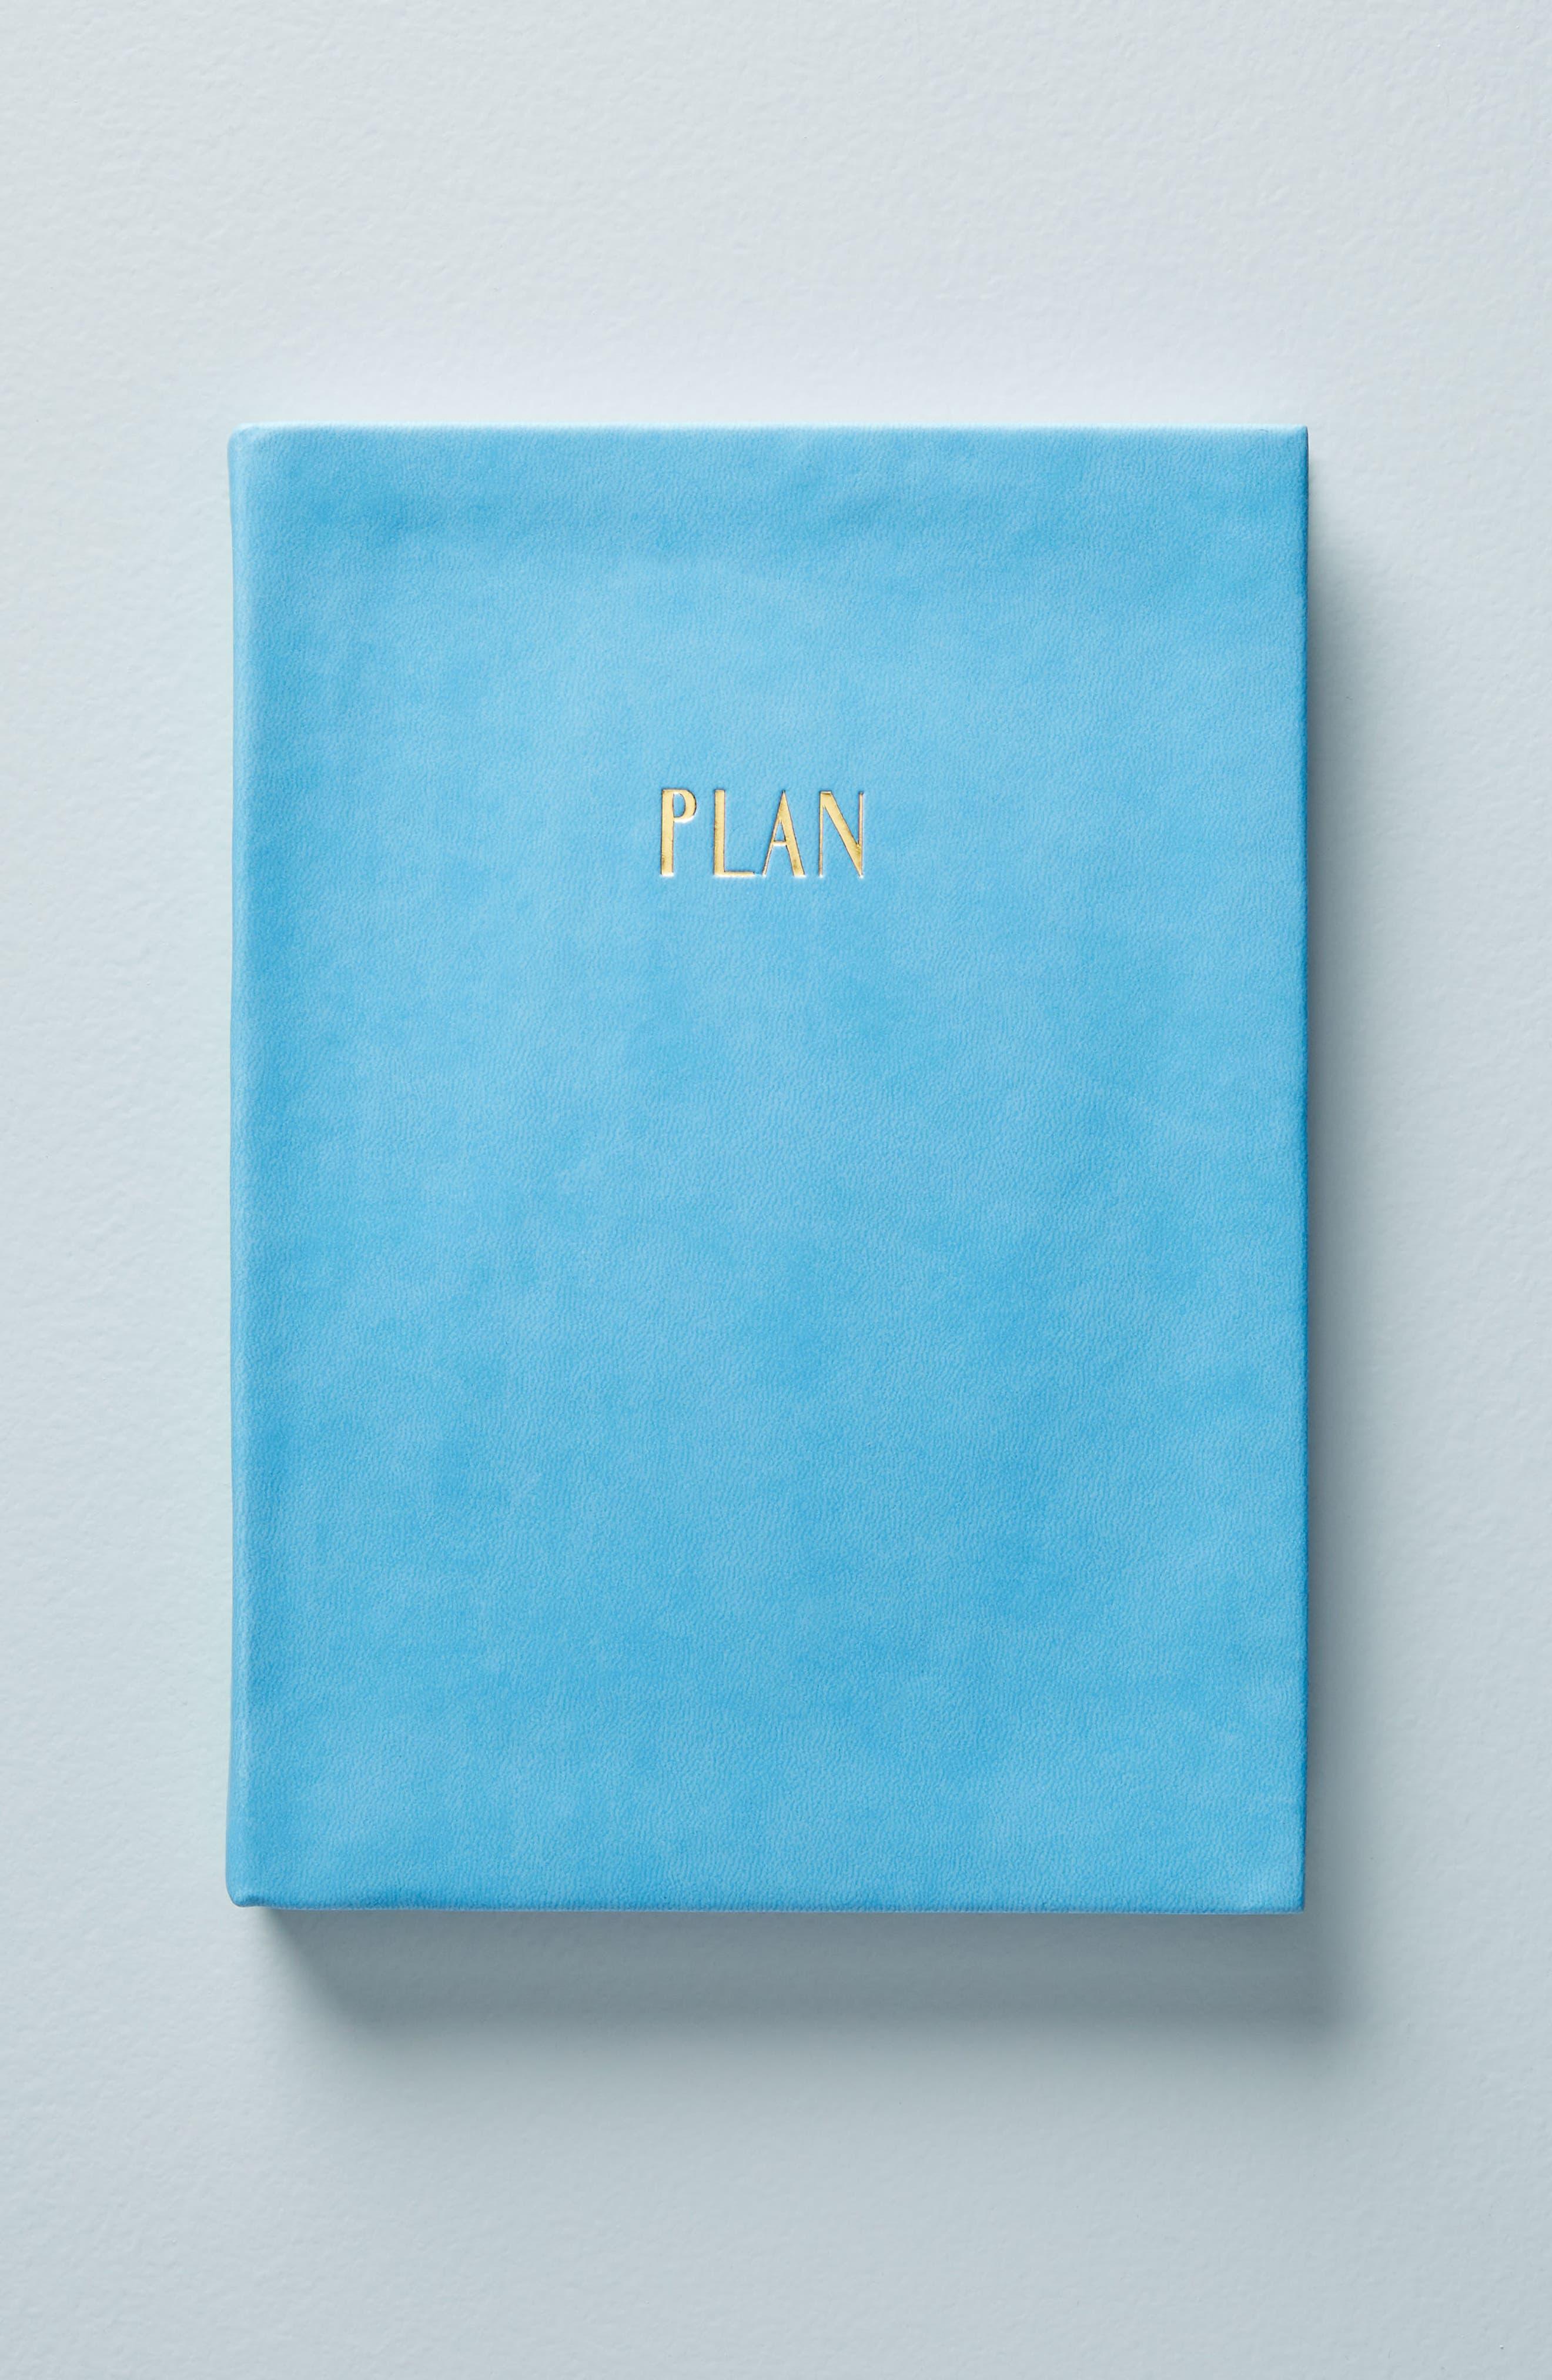 Passion & Plan Journal,                             Alternate thumbnail 2, color,                             Mint